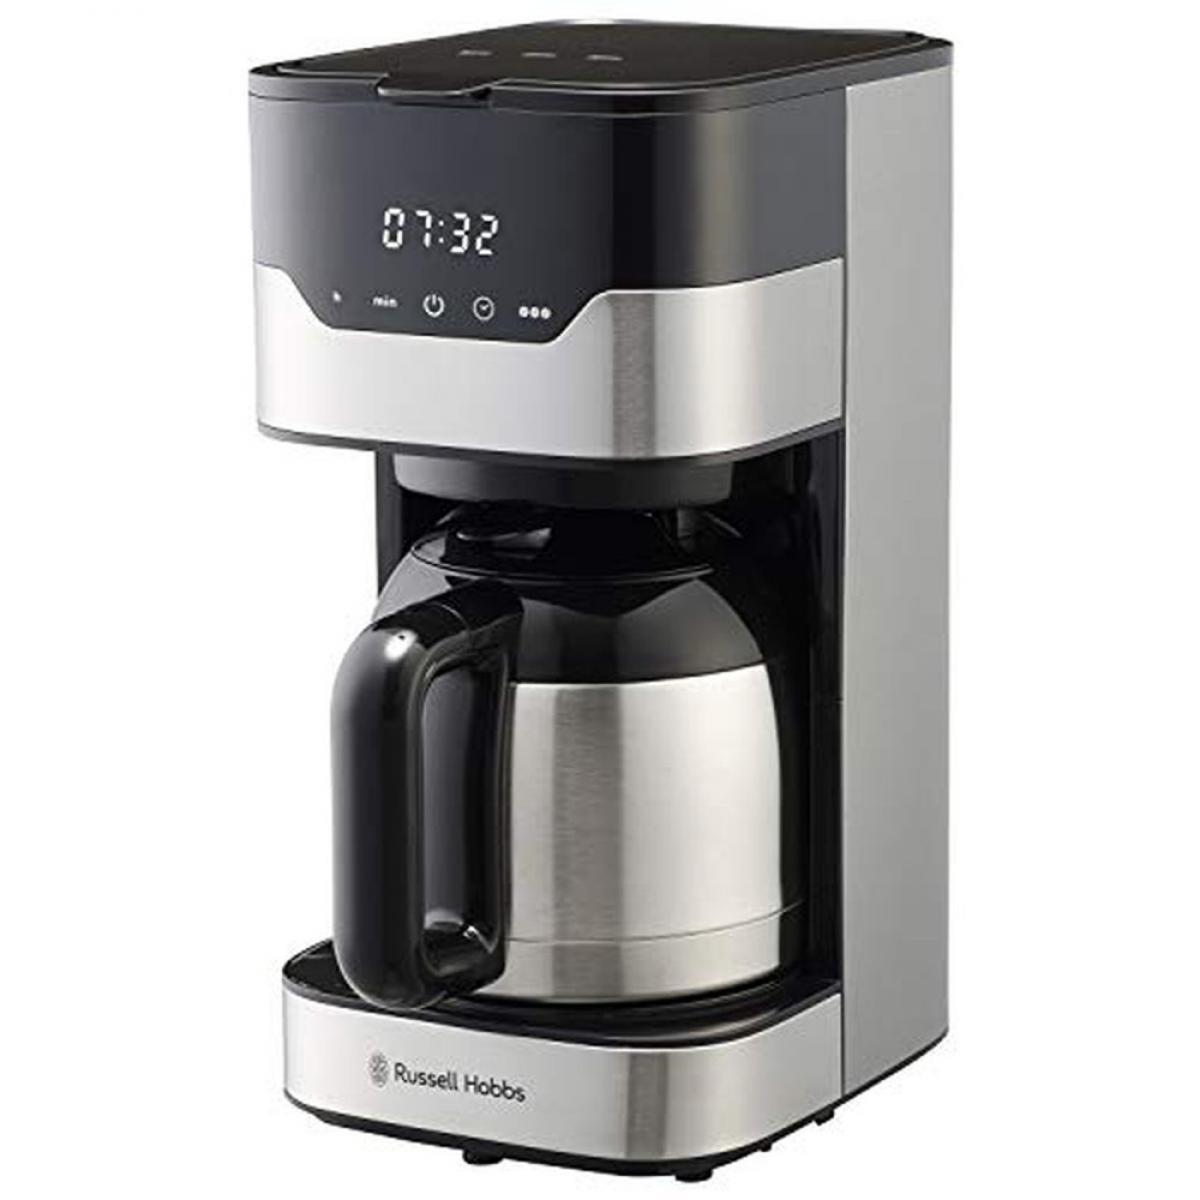 ラッセルホブス コーヒーメーカー グランドリップ 8杯 ペーパーフィルター不要 タイマー 7653JP